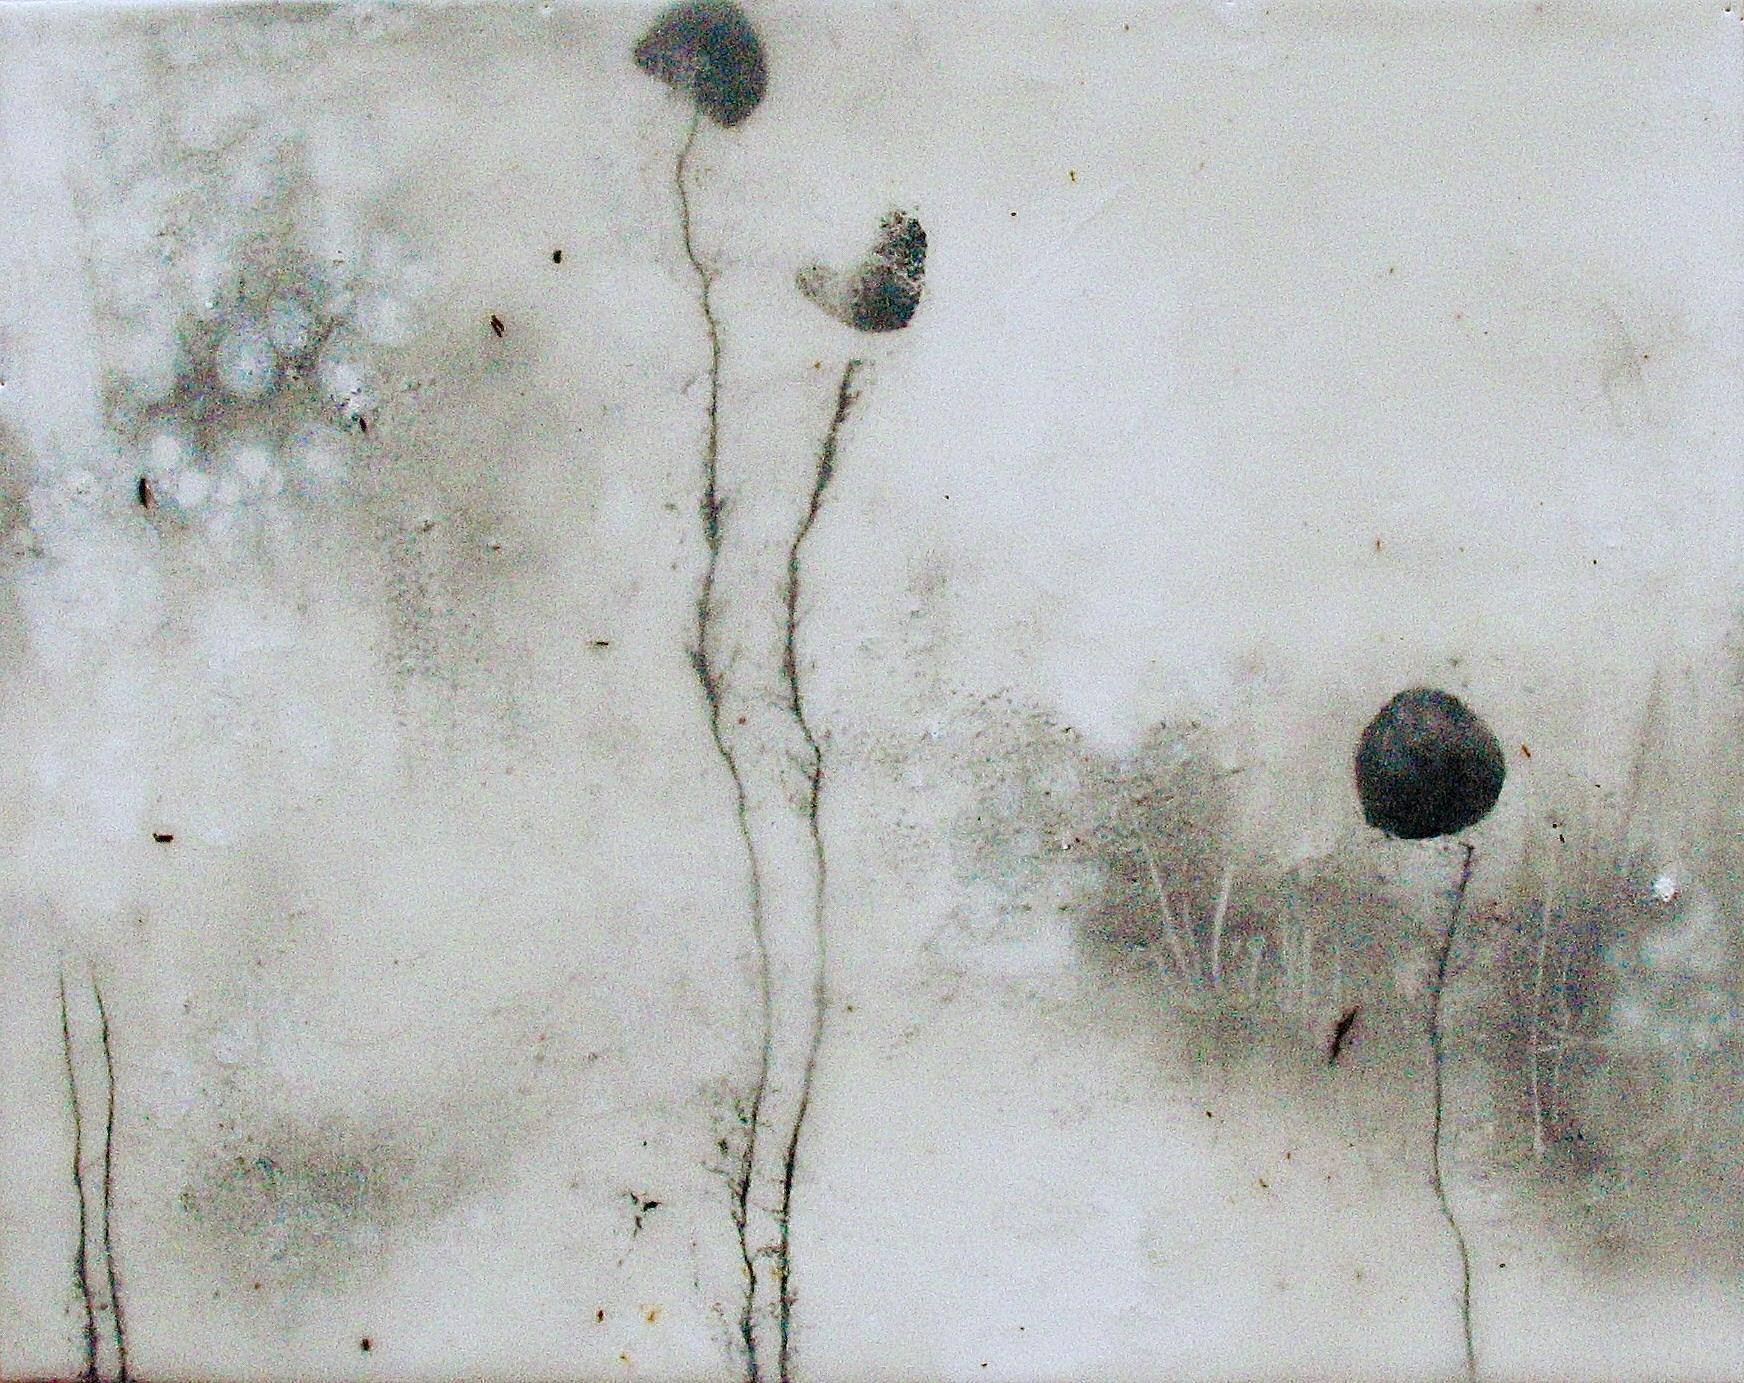 Sam Scene 3, 2007 / Sold